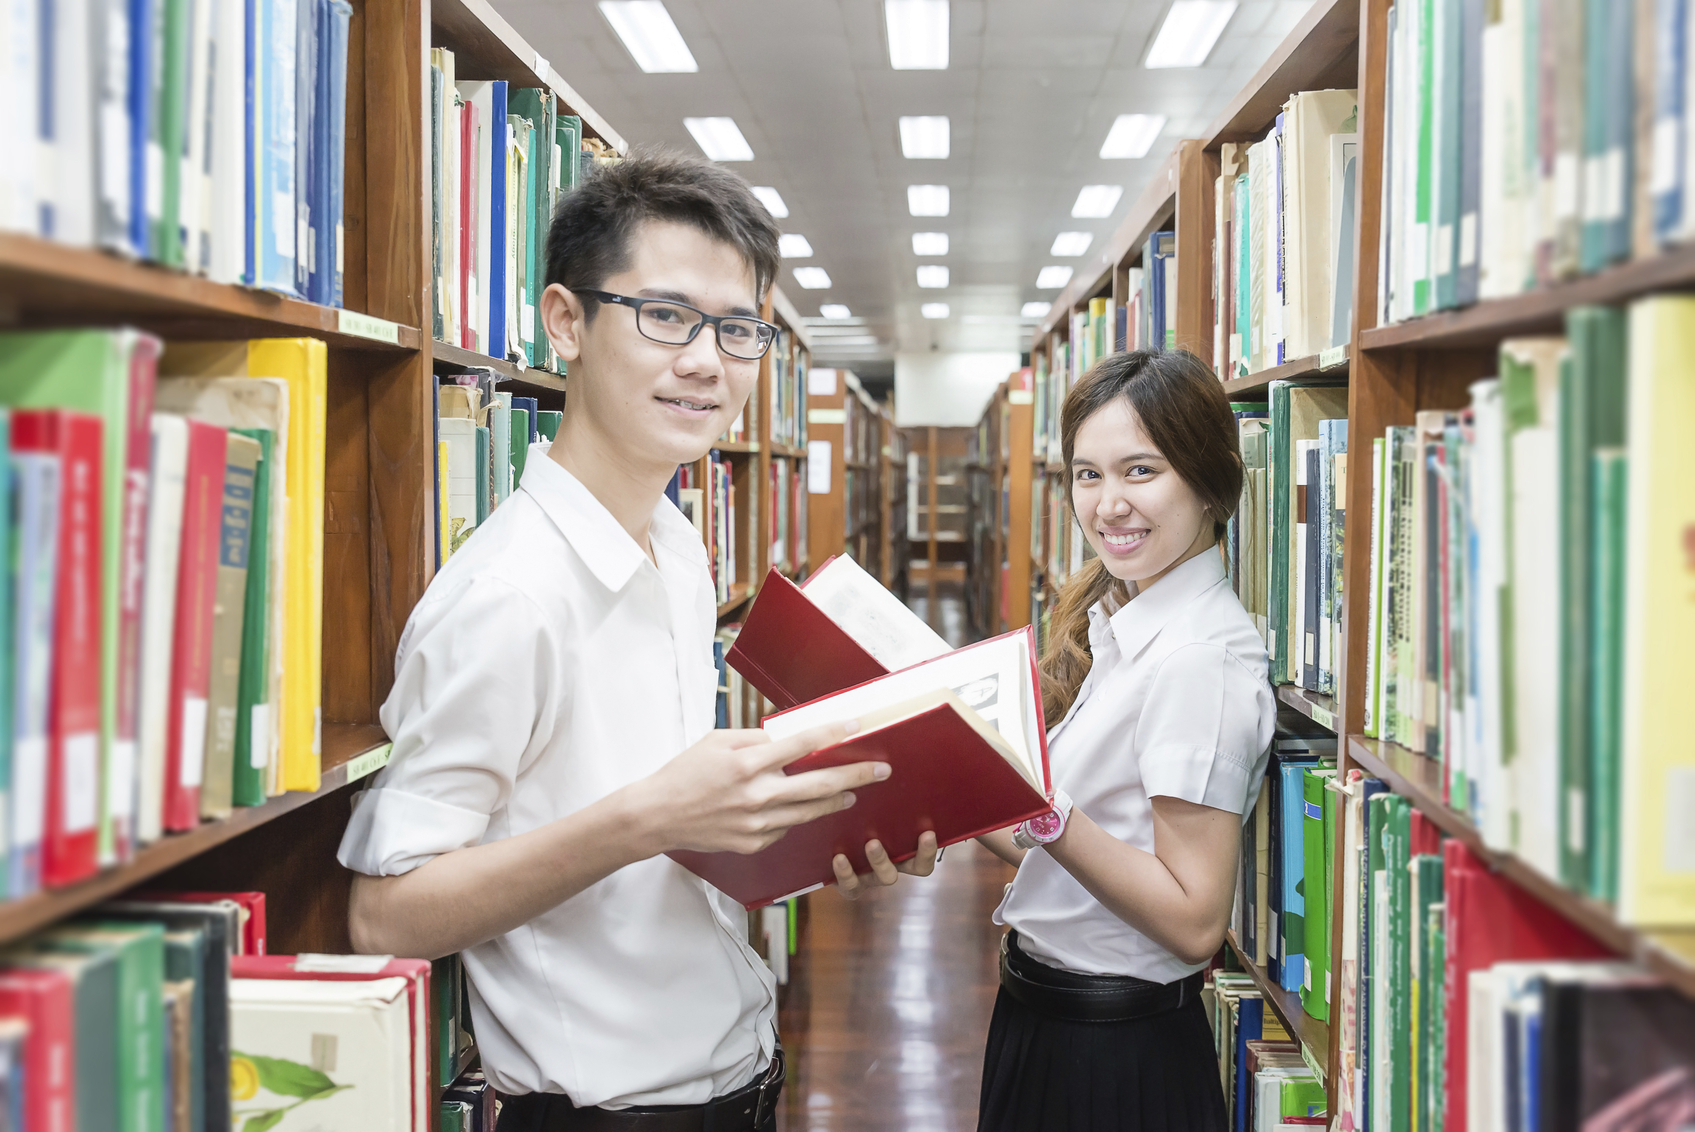 นักศึกษาใหม่ ปริญญาตรี มหาวิทยาลัย รับตรง โควตา